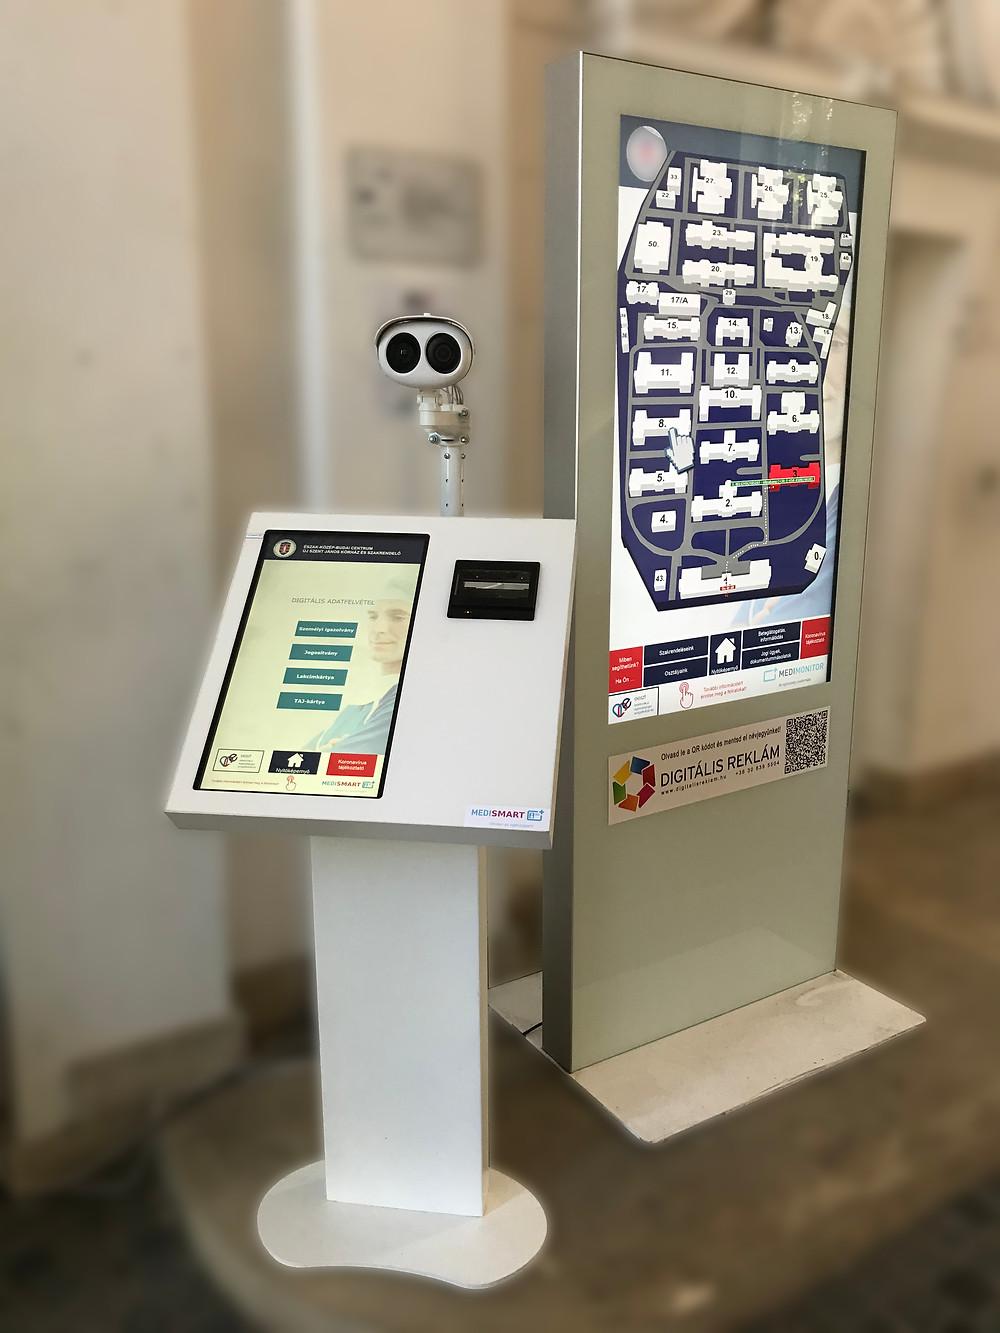 reklám digitális medimonitor totem kioszk kamera hőkamera